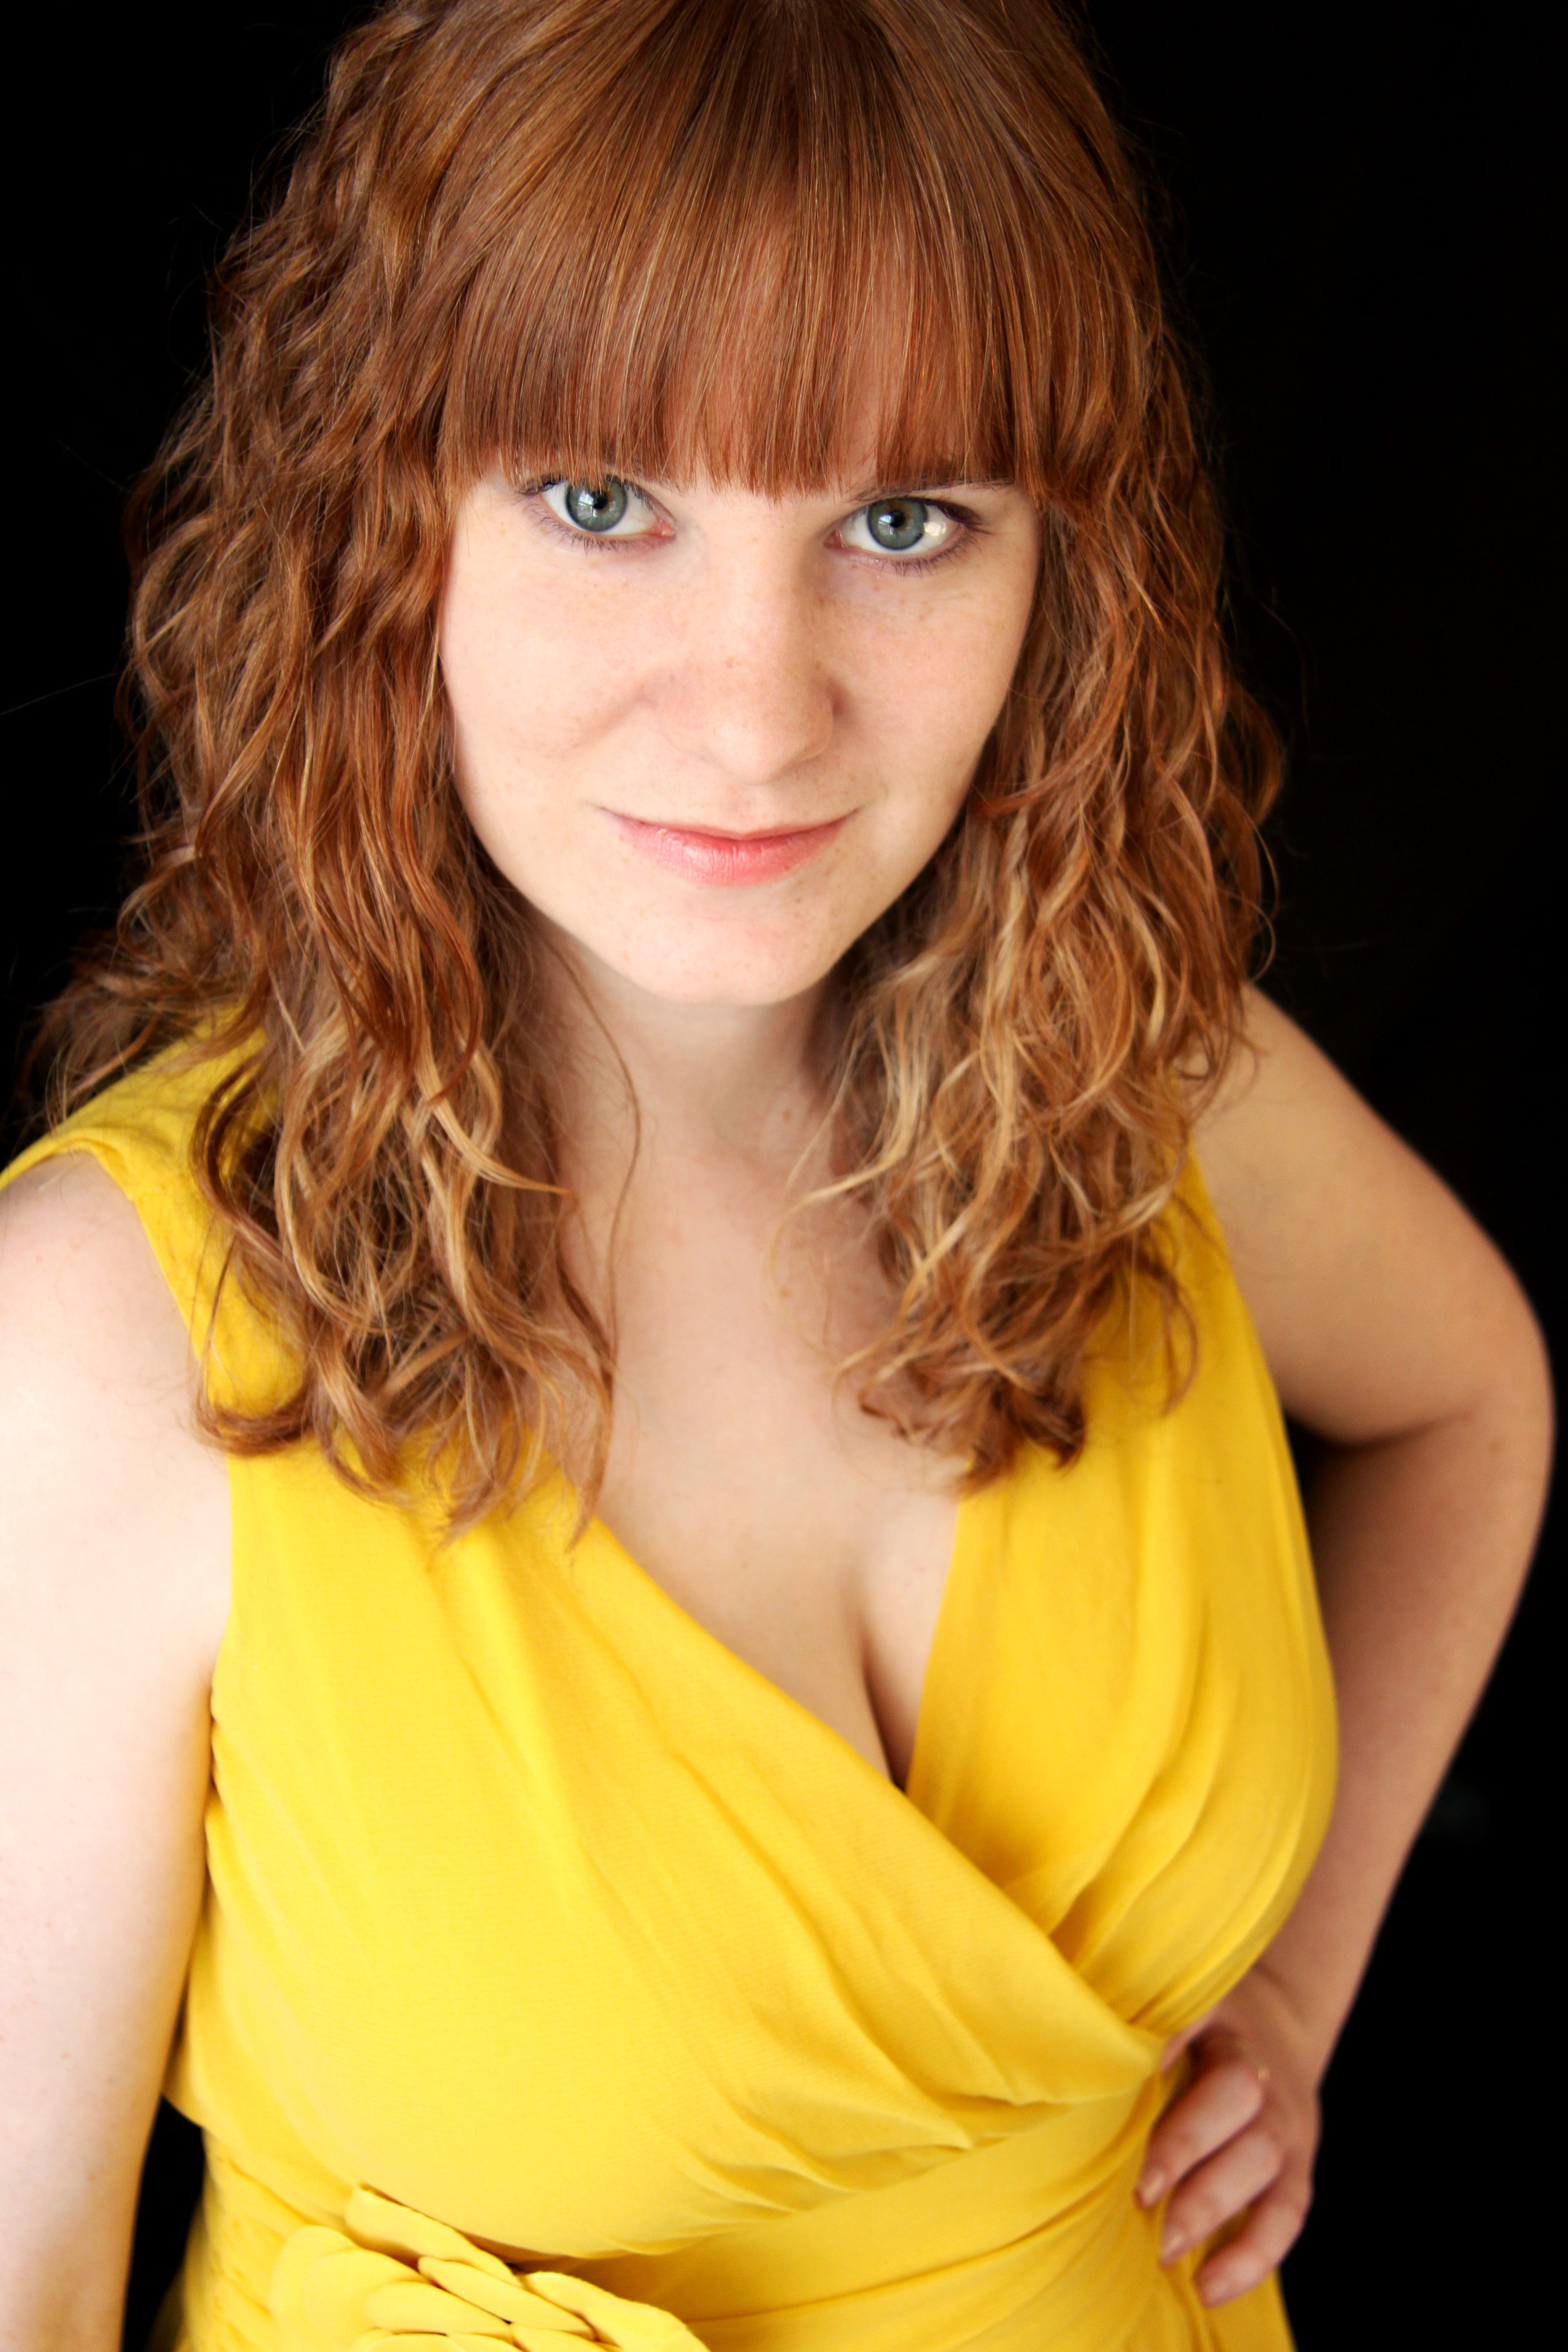 janet yellow dress headshot.jpg